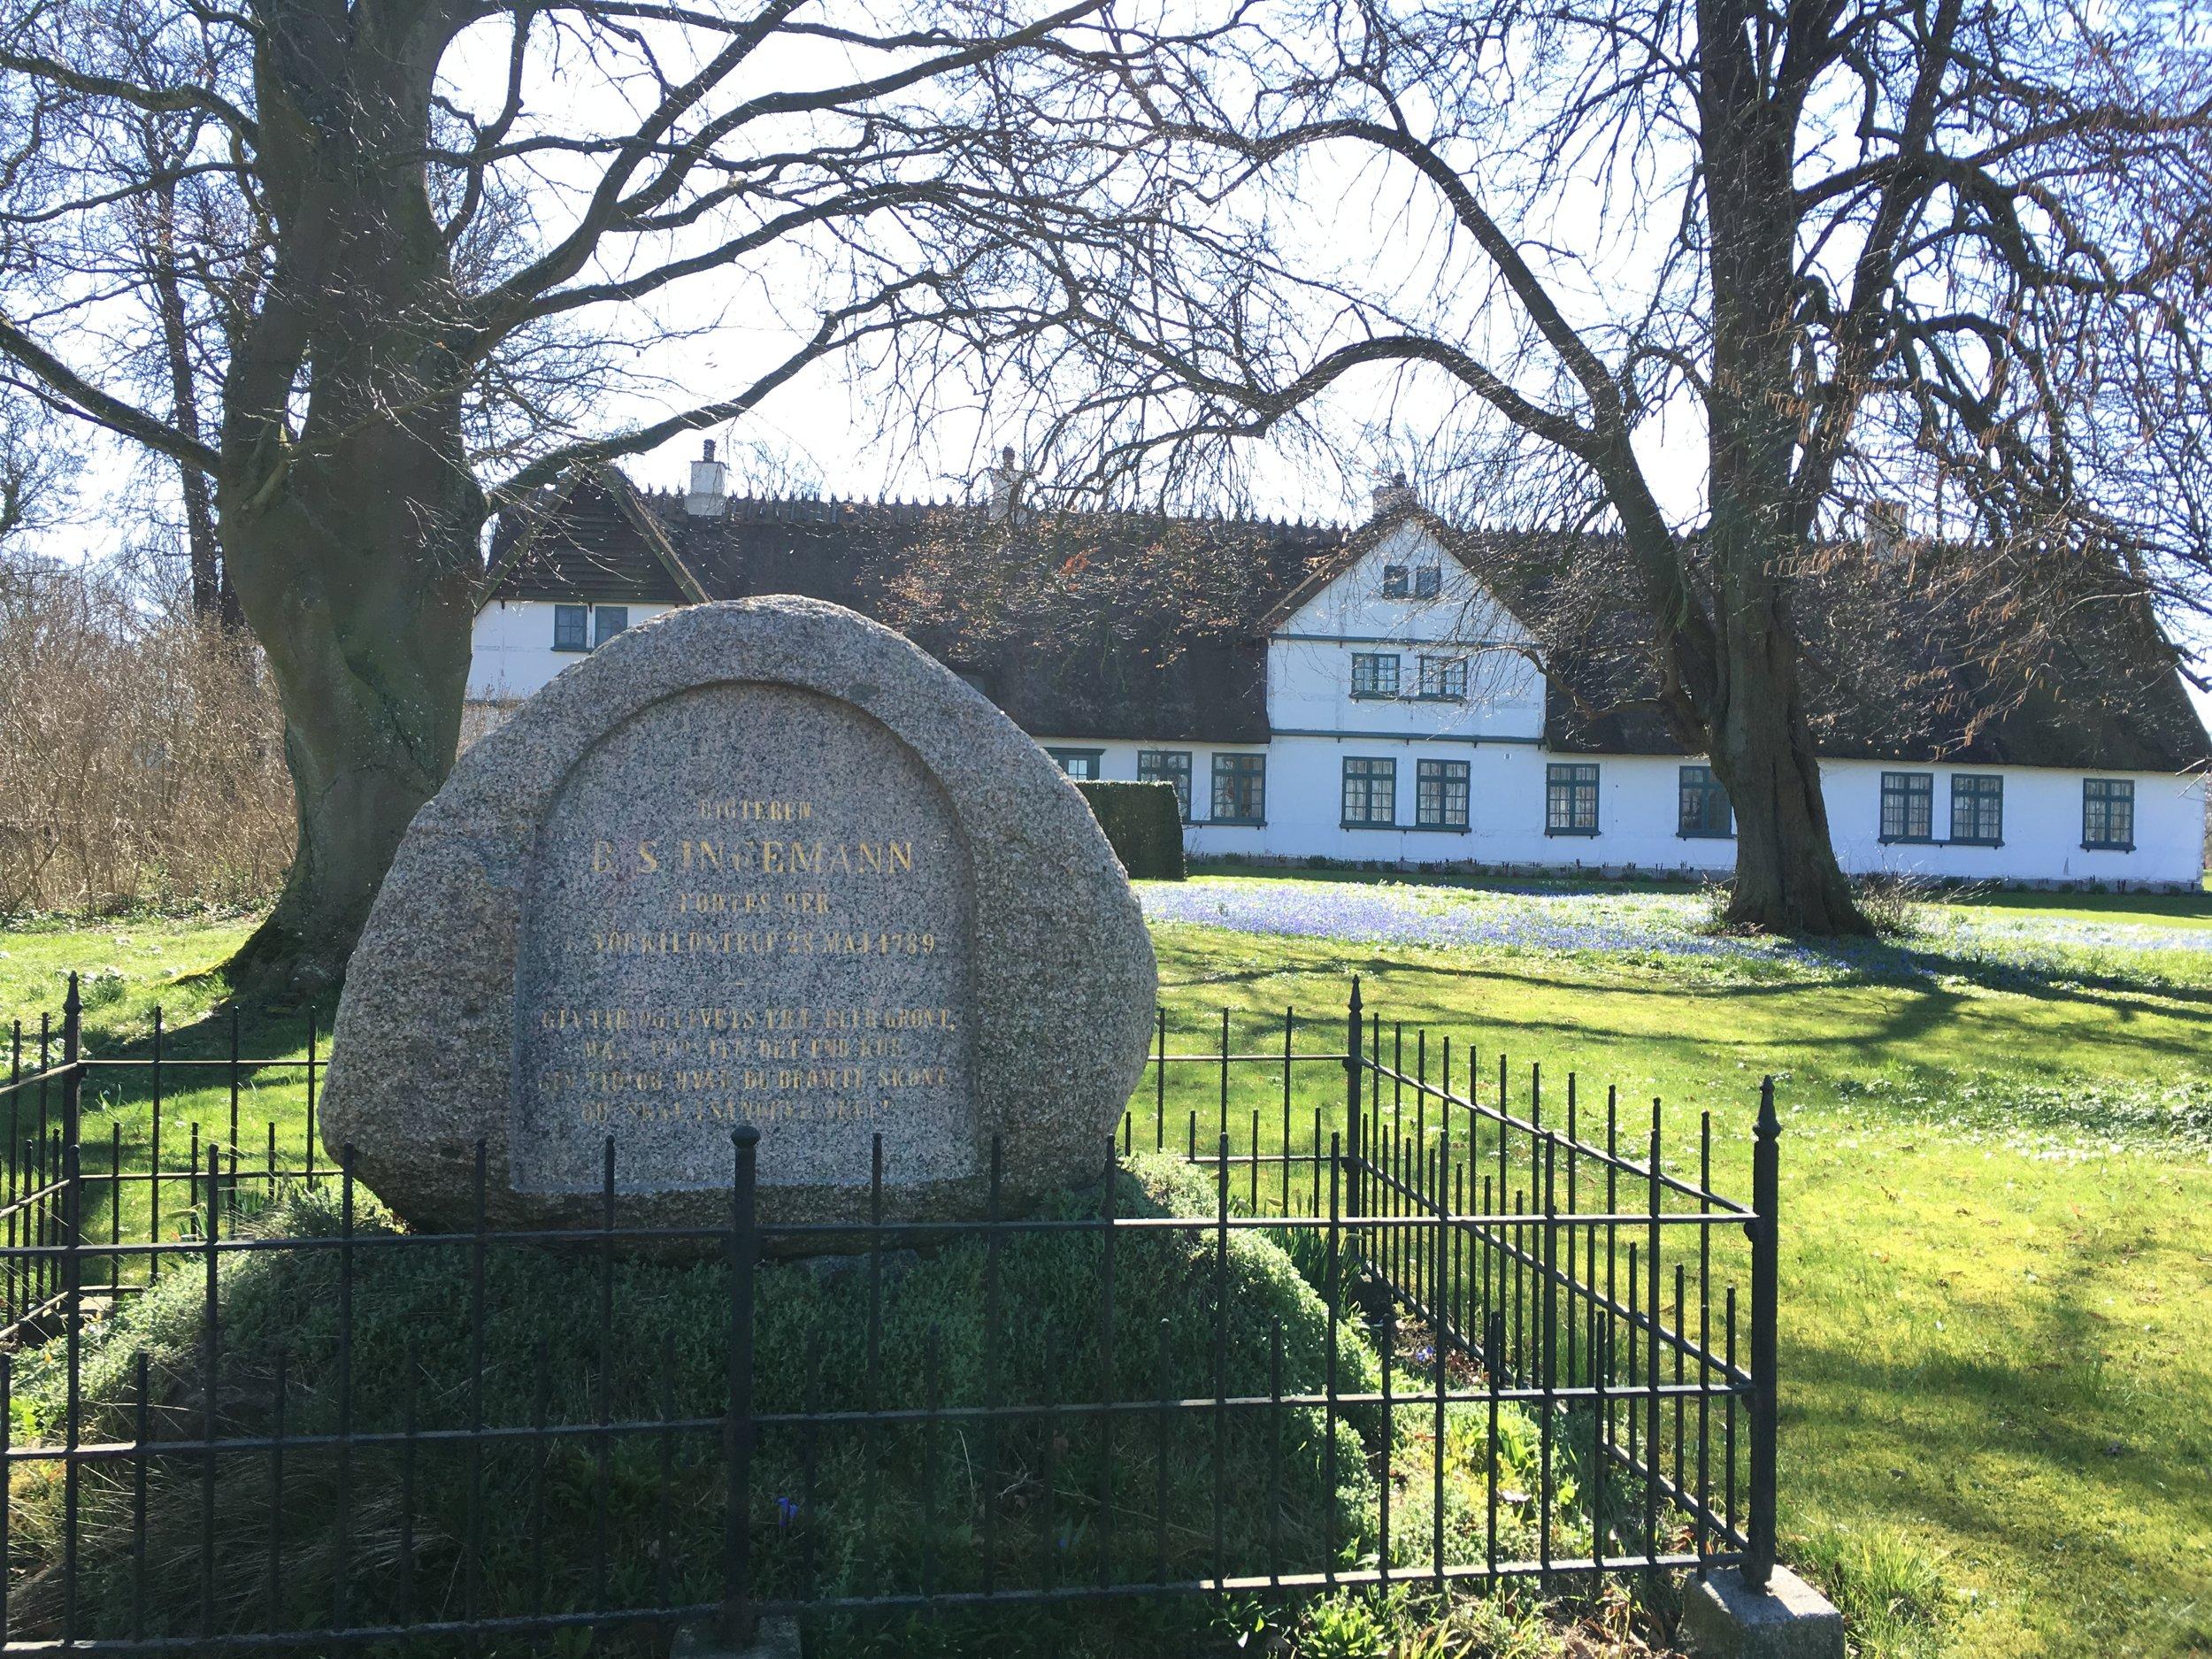 Torkildstrup Præstegård, hvor B.S. Ingemann var præst og skrev mange af sine smukke digte.